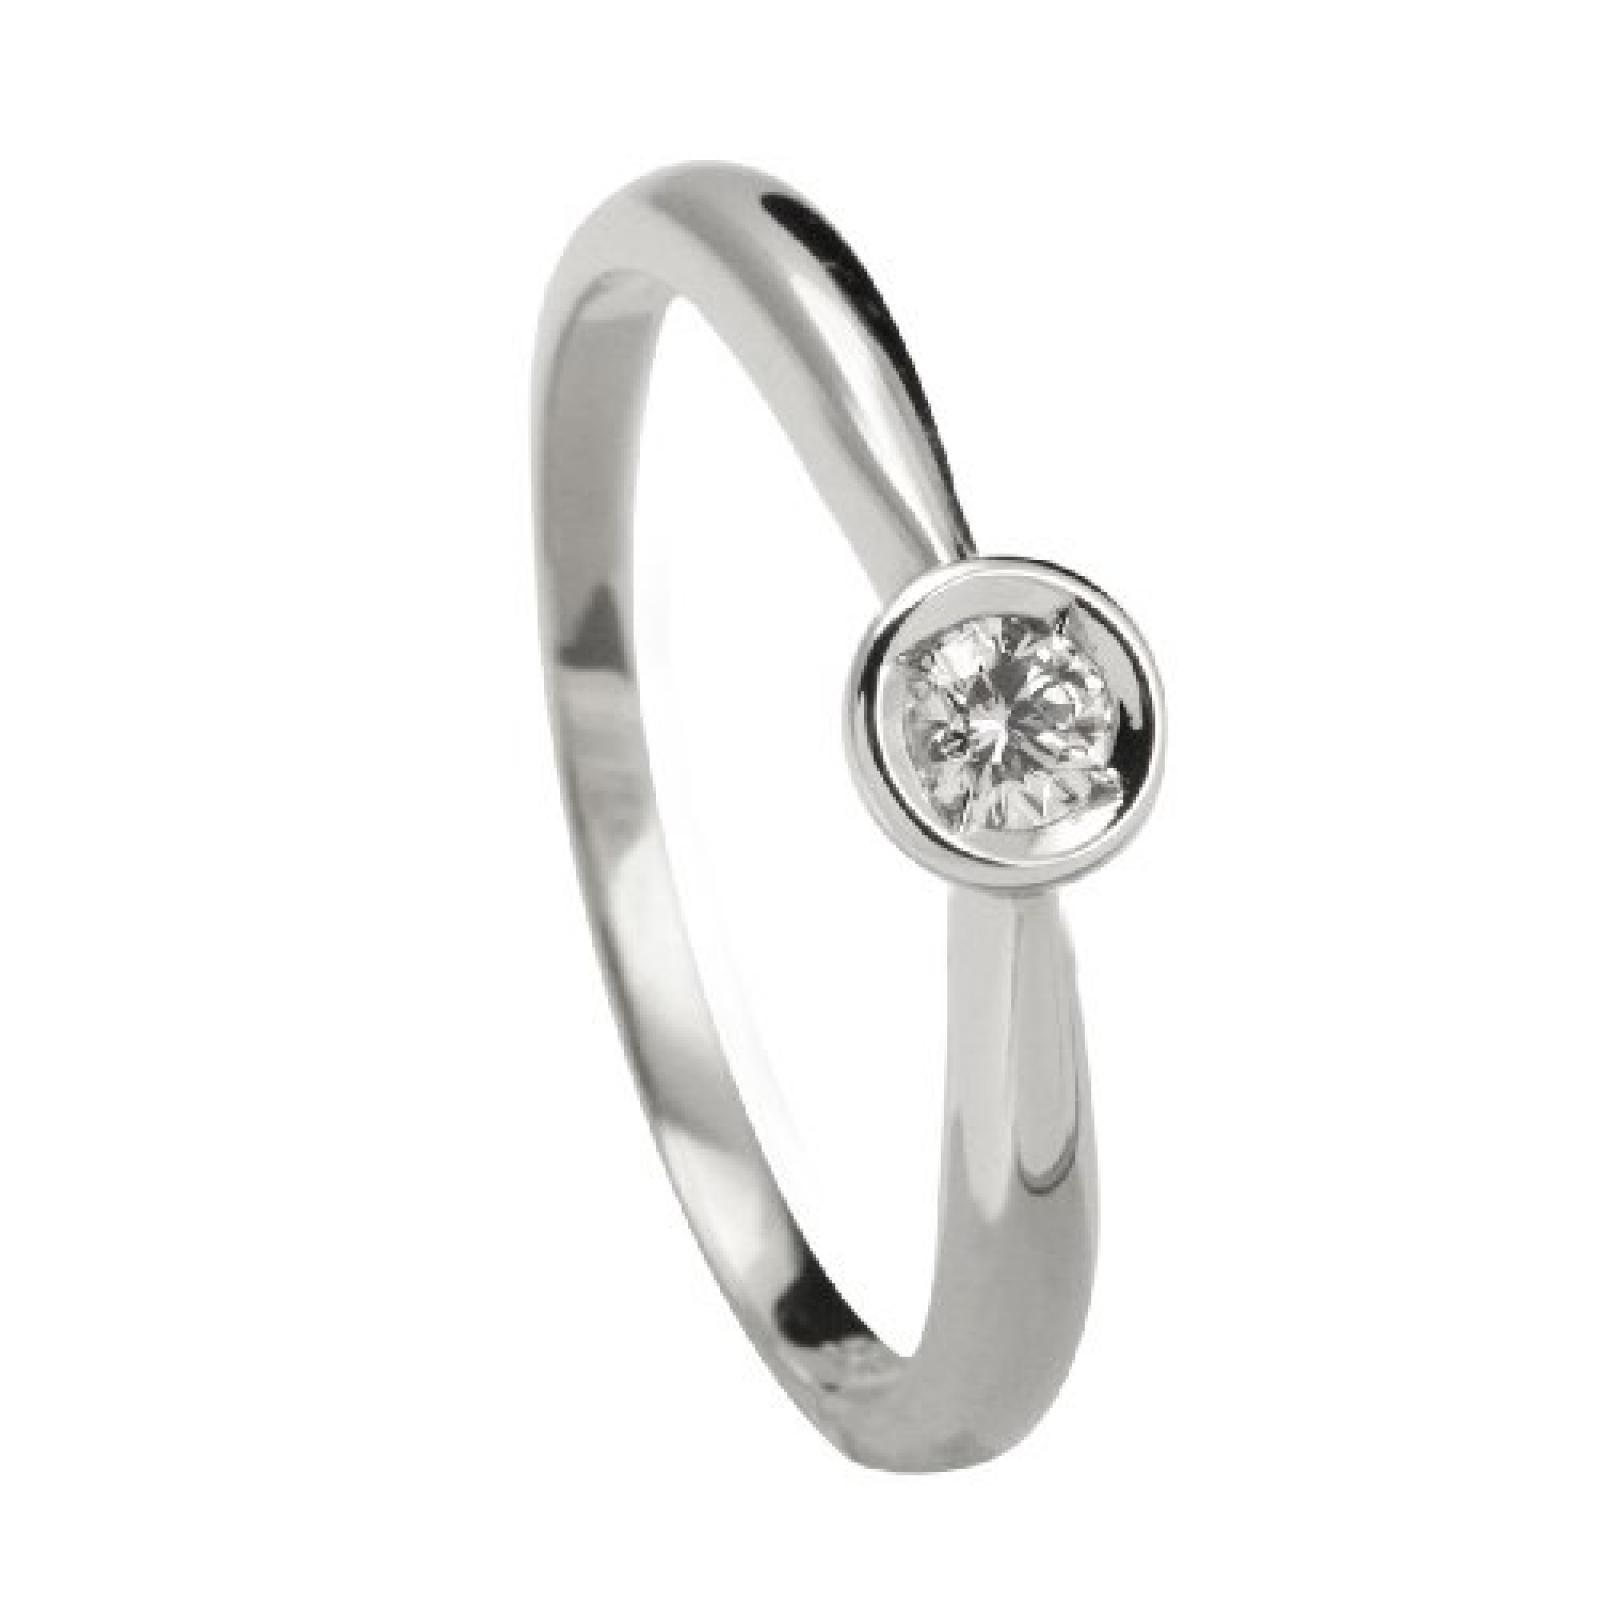 Bella Donna Damen Diamantring 585/000 Weiß-Gold 1 Brillant 0,05ct. Weiß Piqué